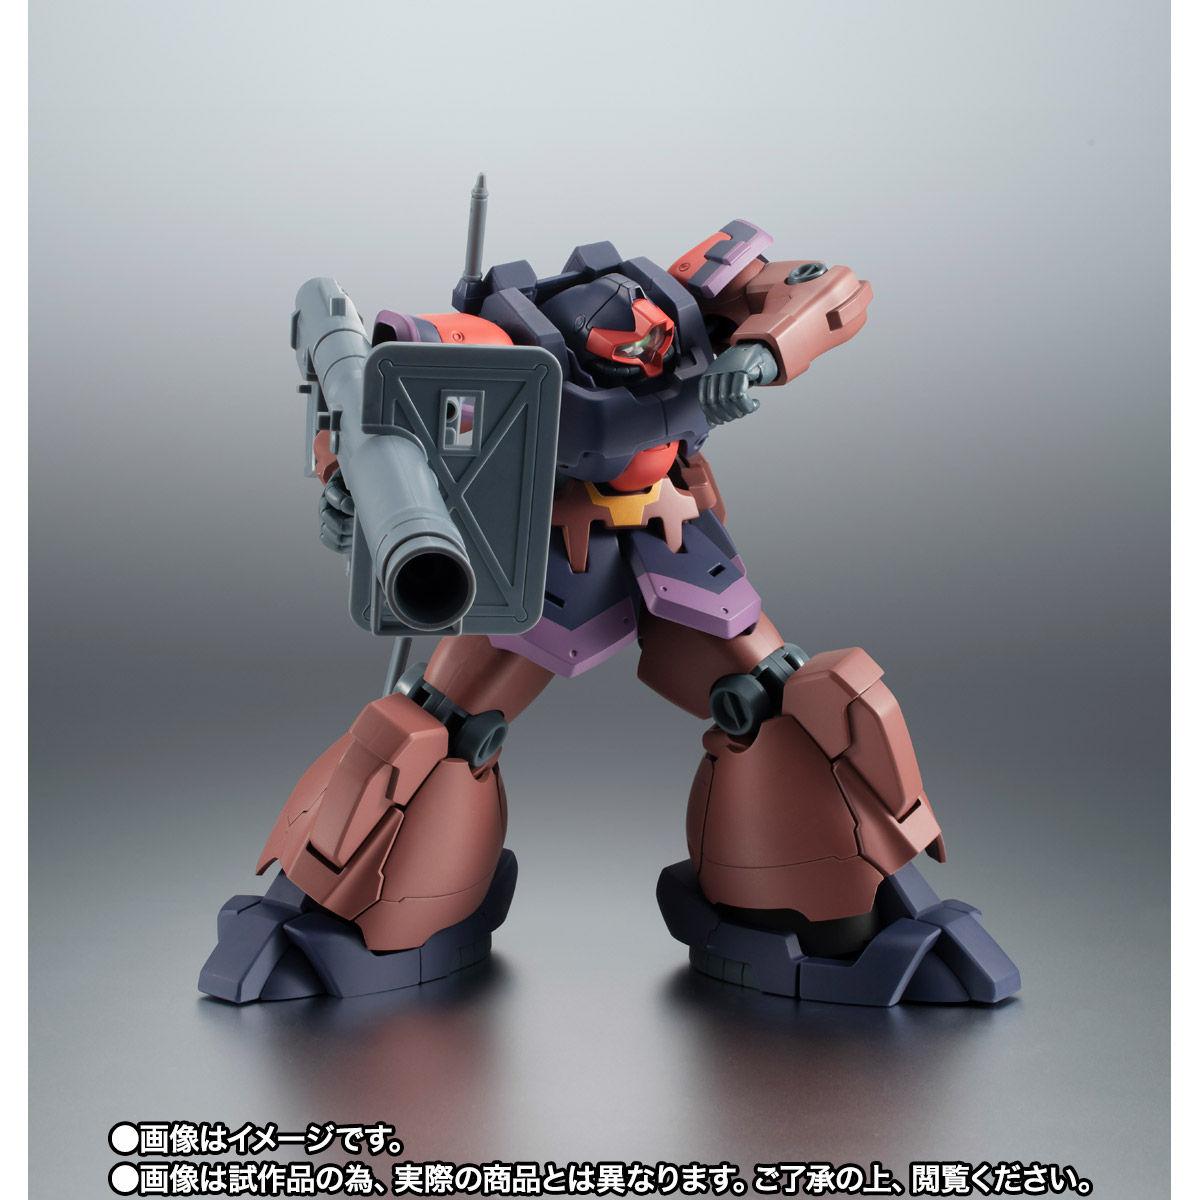 【限定販売】ROBOT魂〈SIDE MS〉『YMS-09R-2 プロトタイプ・リック・ドムII ver. A.N.I.M.E.』ガンダム0083 可動フィギュア-004